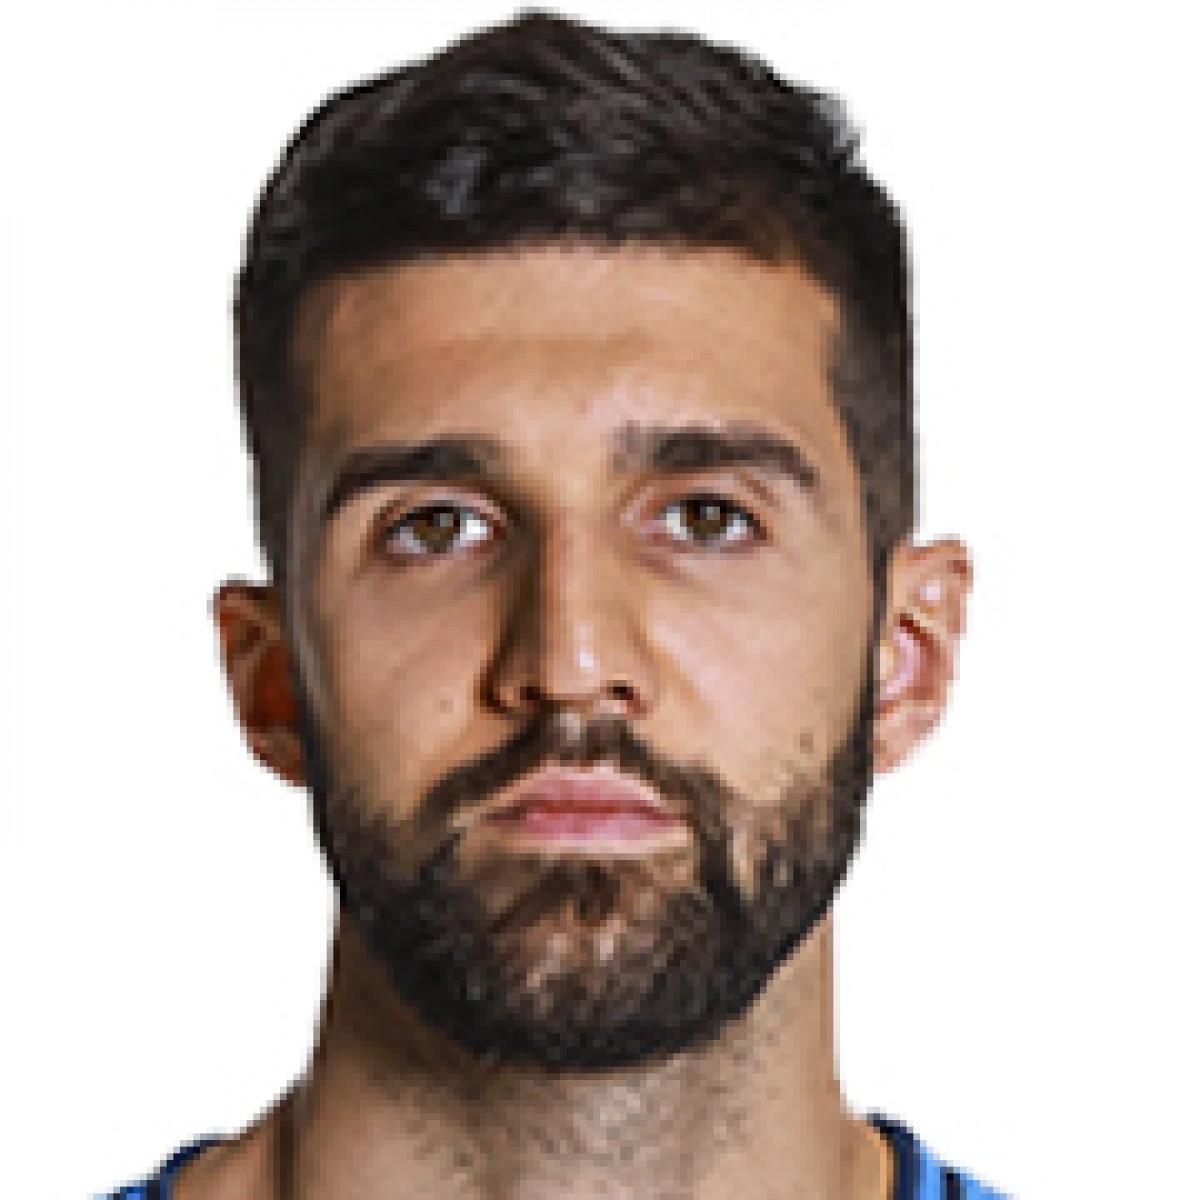 Aleksandar Cvetkovic